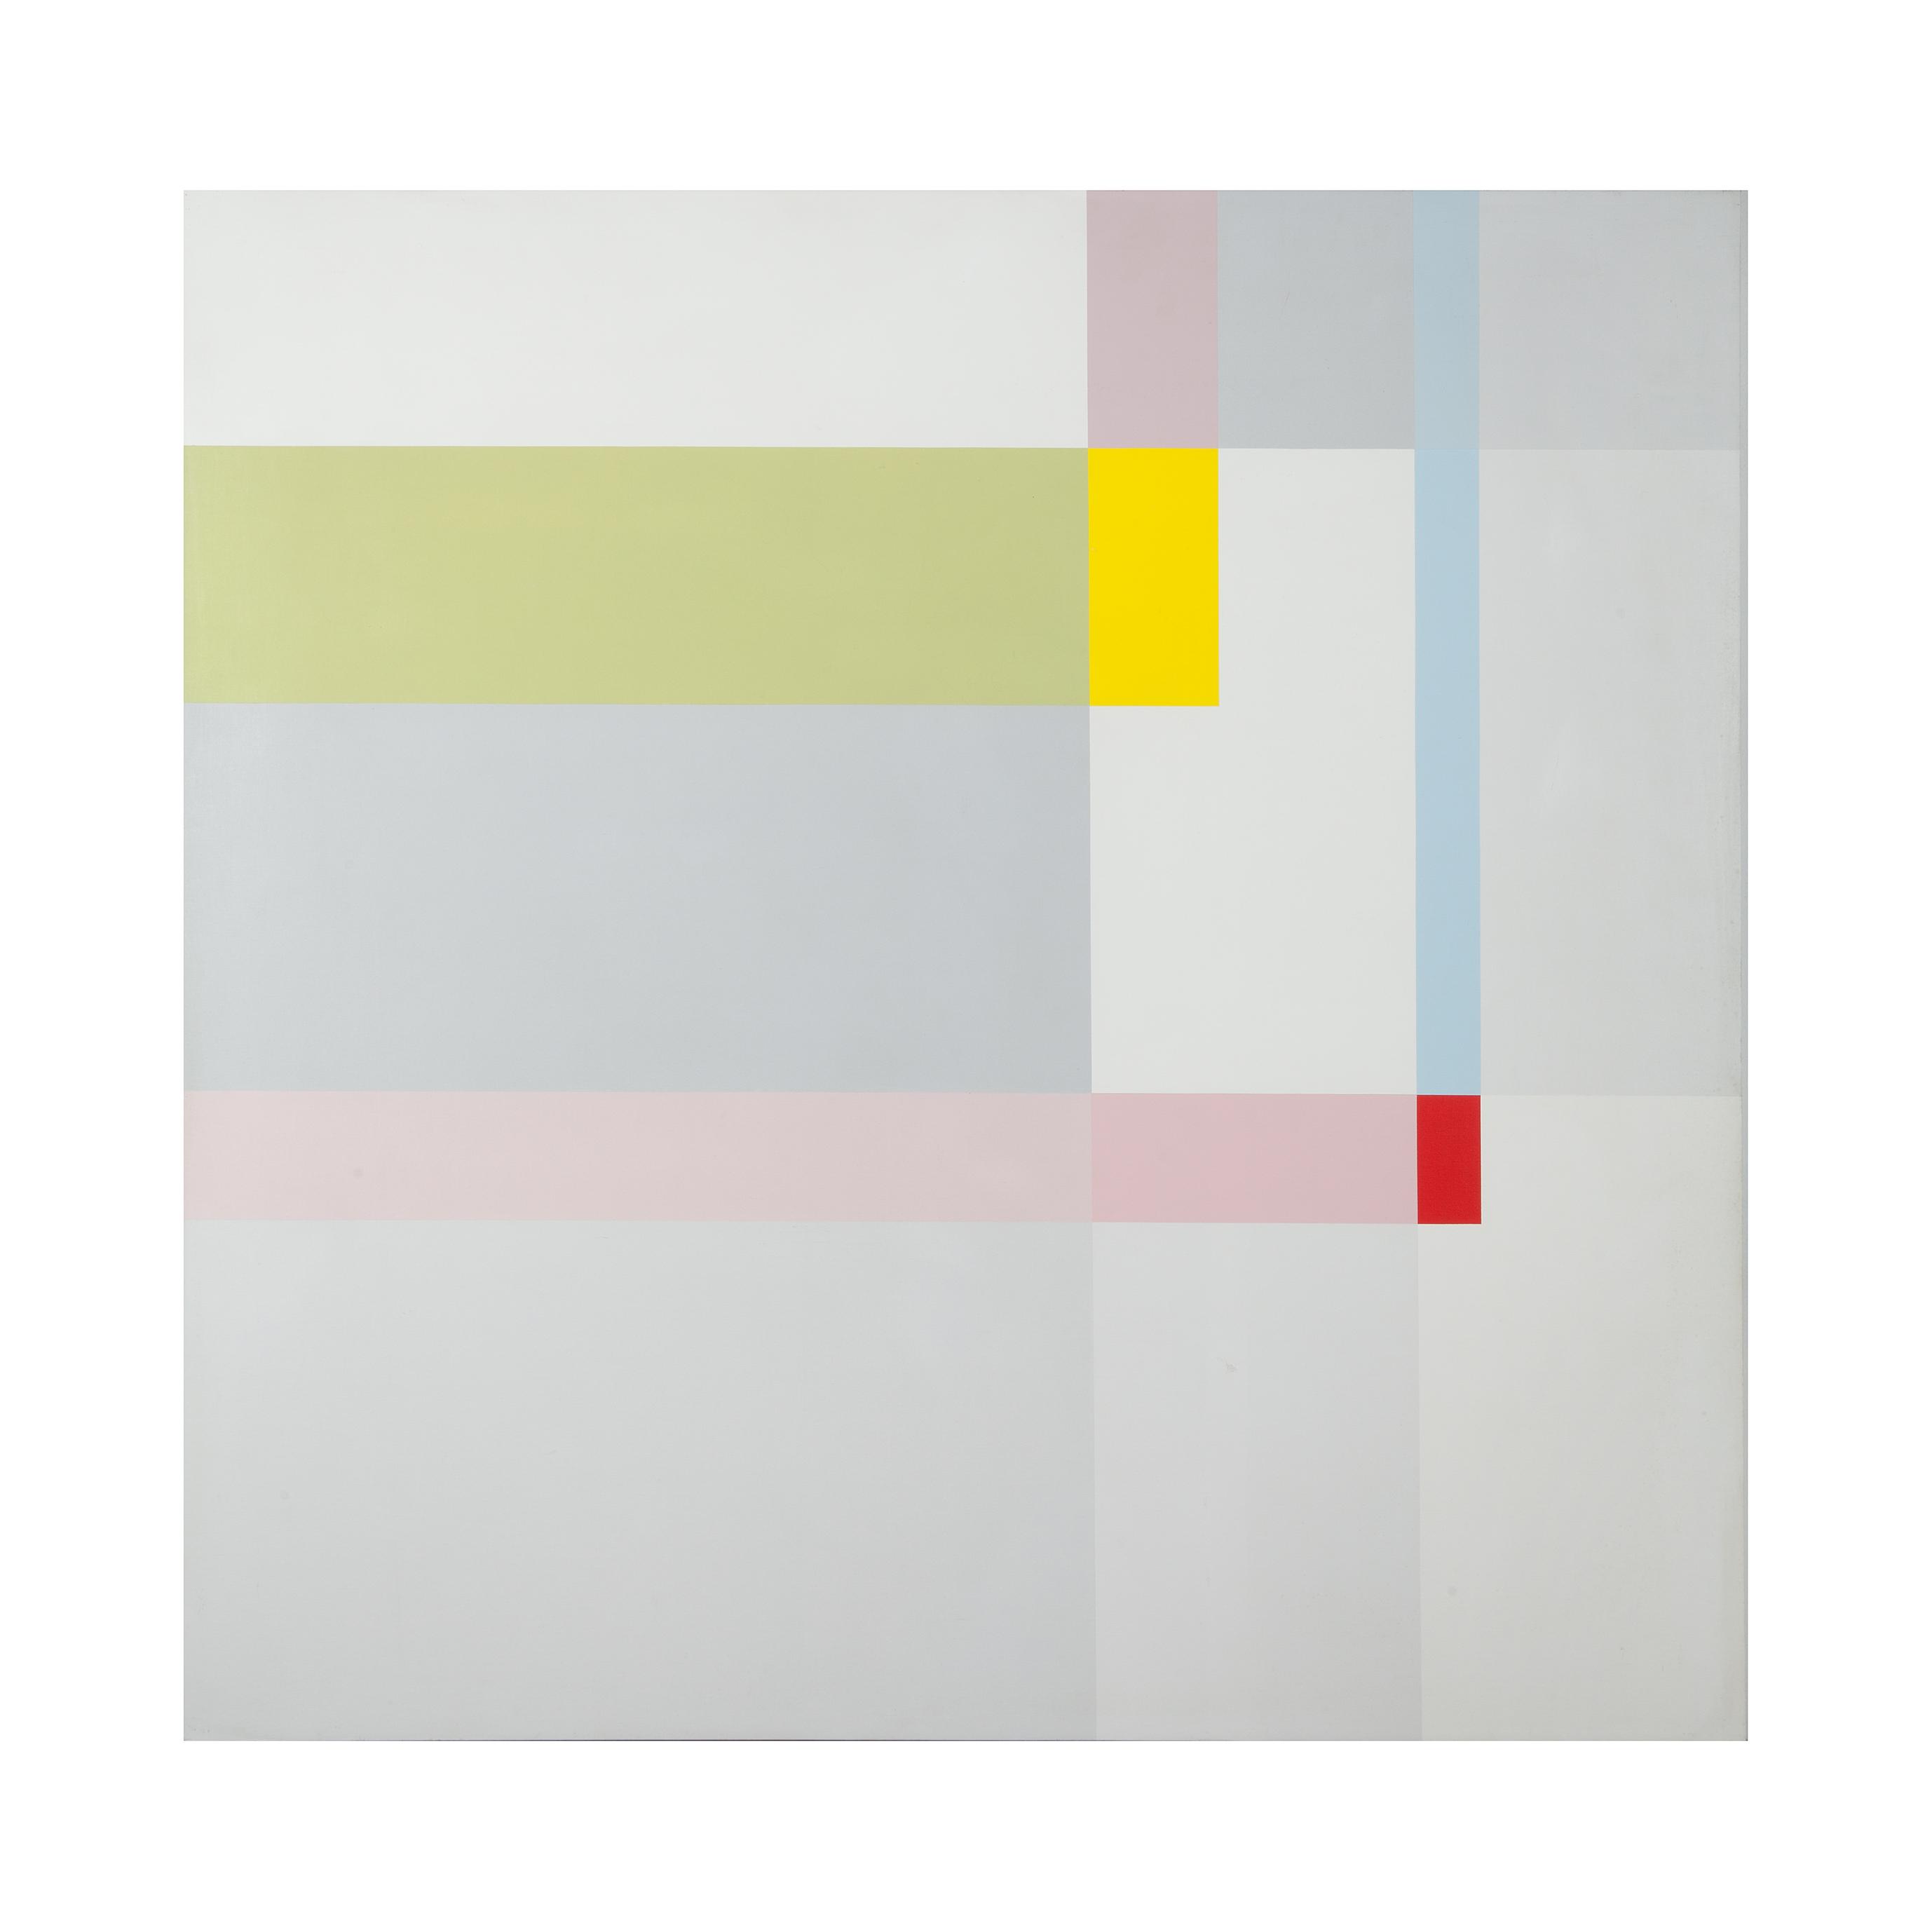 Majo Joostens (1943)Compositie